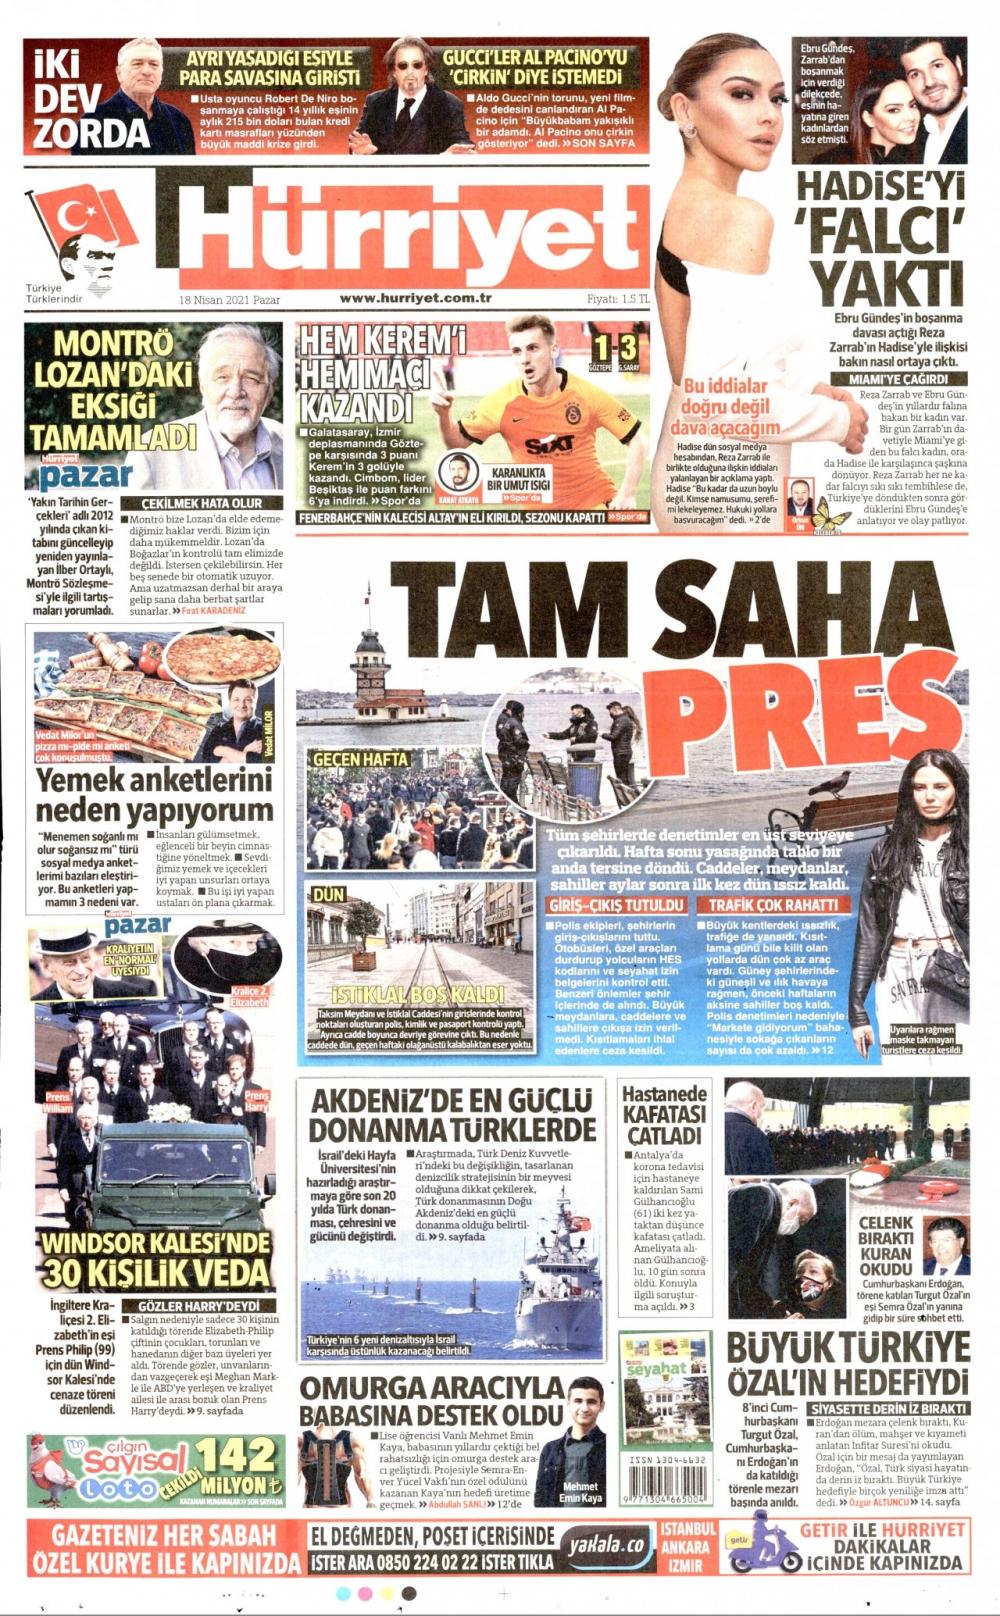 Günün Gazete Manşetleri 18 Nisan 2021 Gazeteler Ne Diyor? 1